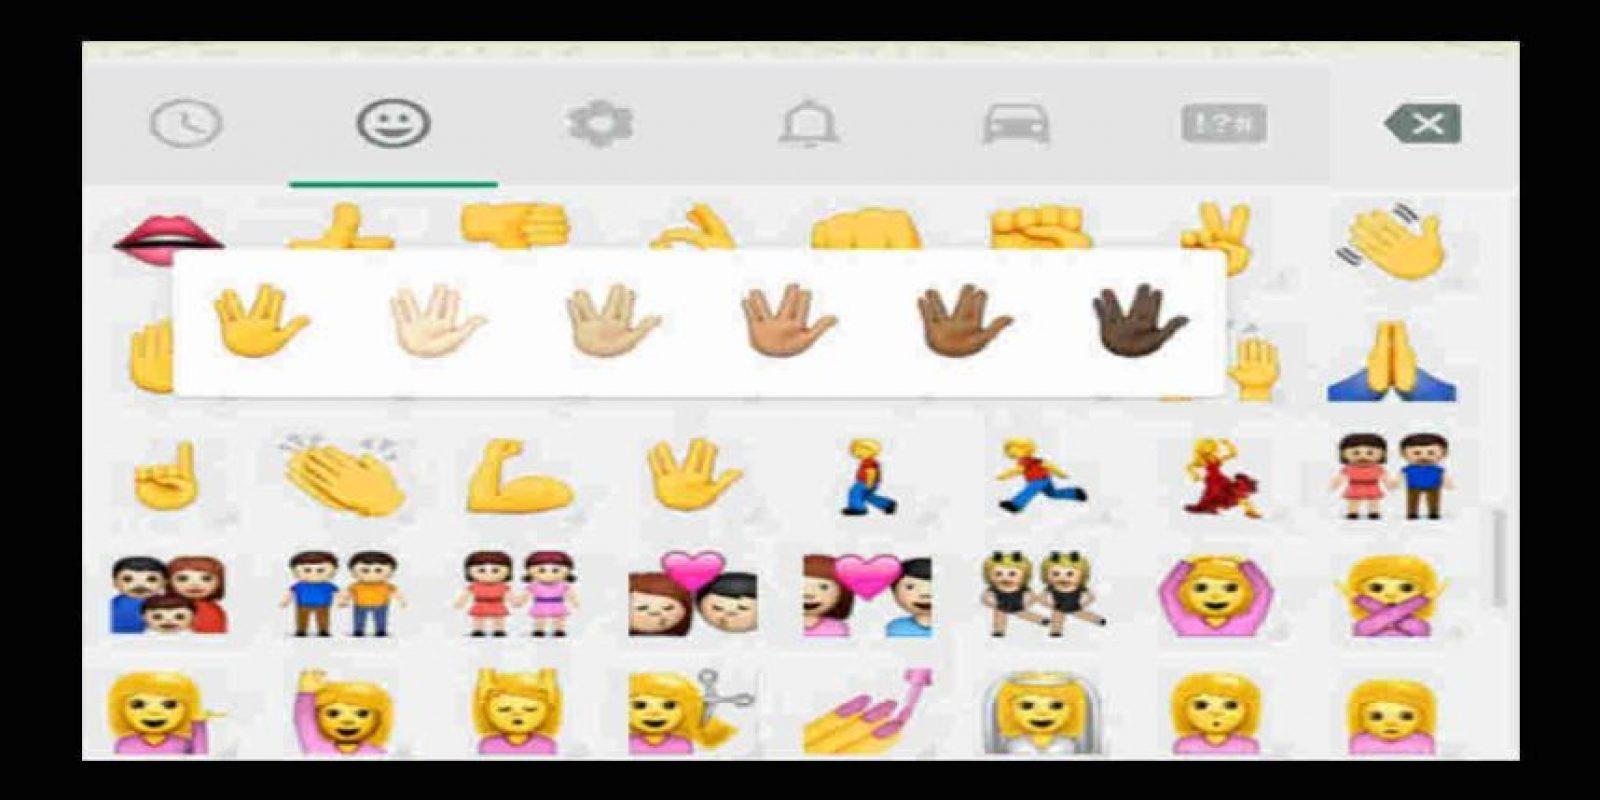 Recientemente Apple y WhatsApp añadieron la opción de cambiar el color de piel en los emoticones. Foto:Tumblr